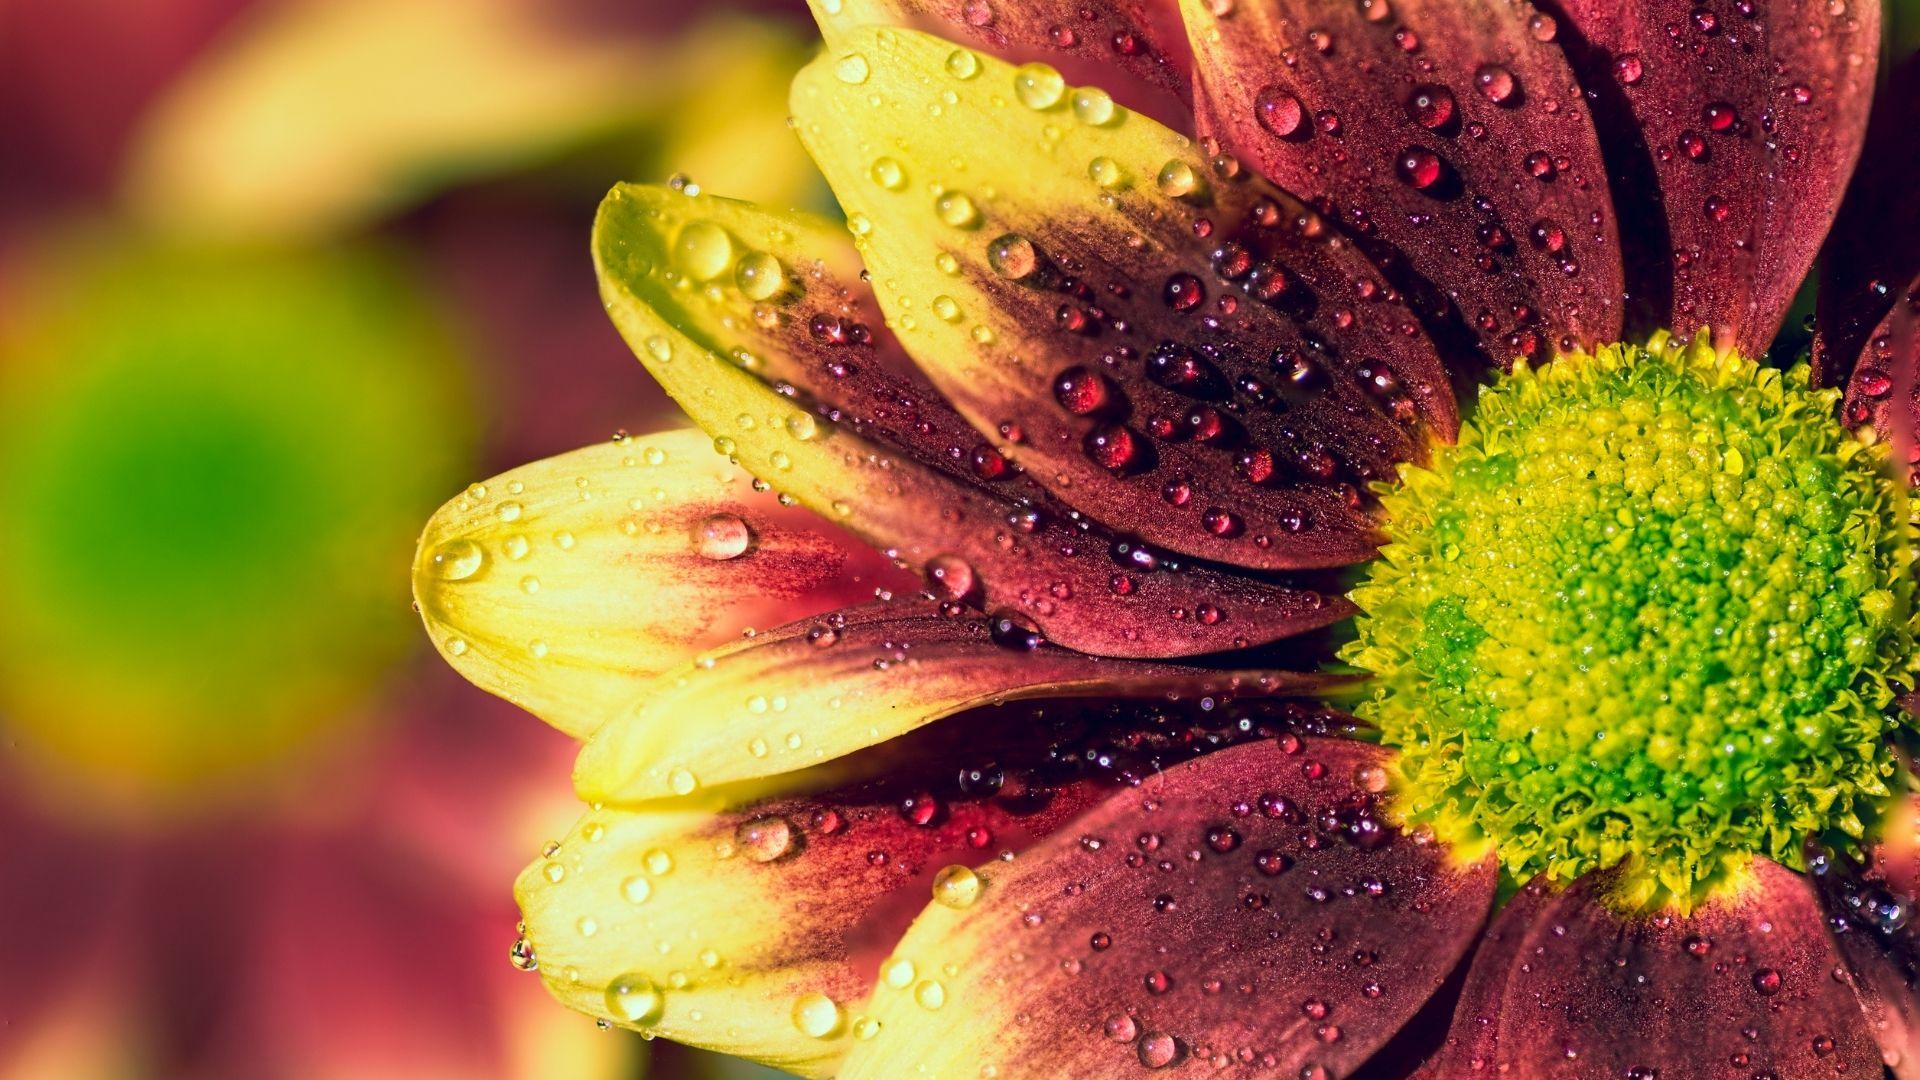 kryssantemum blomma närbild vattendroppar